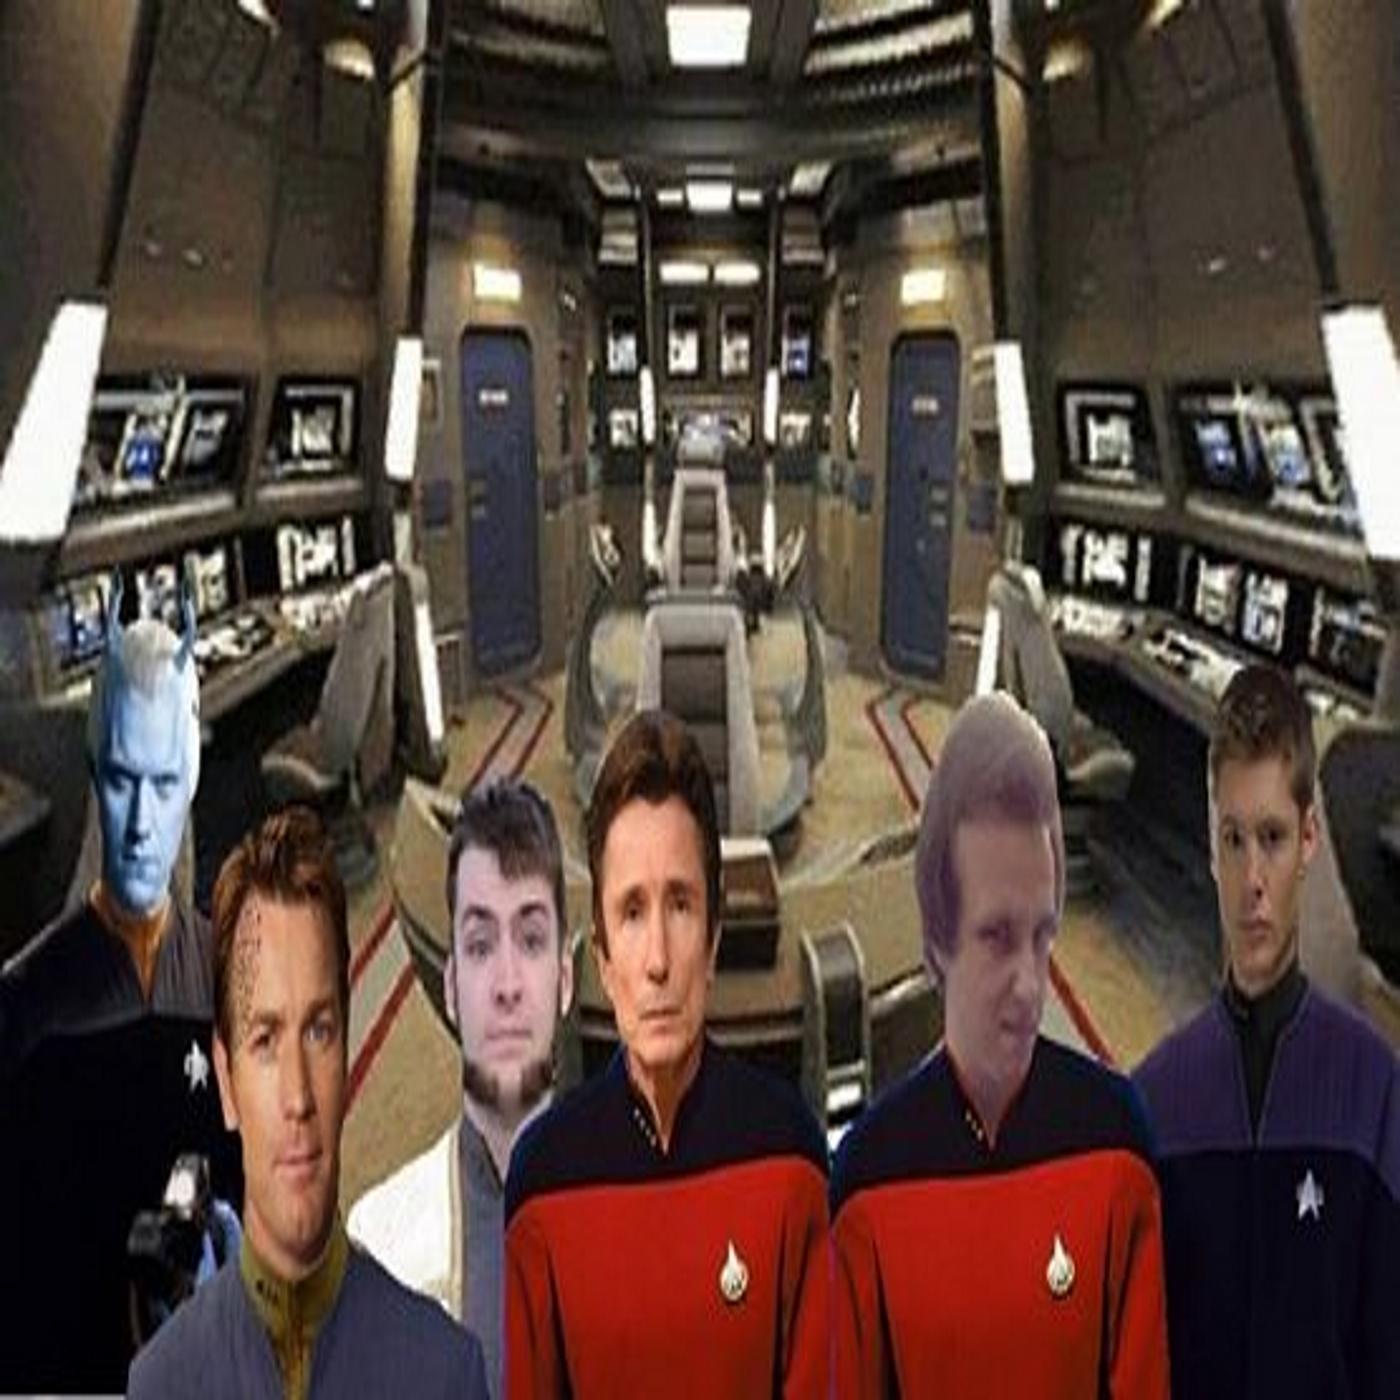 Star Trek Seminole - Season 1 Episode 4 Context for the